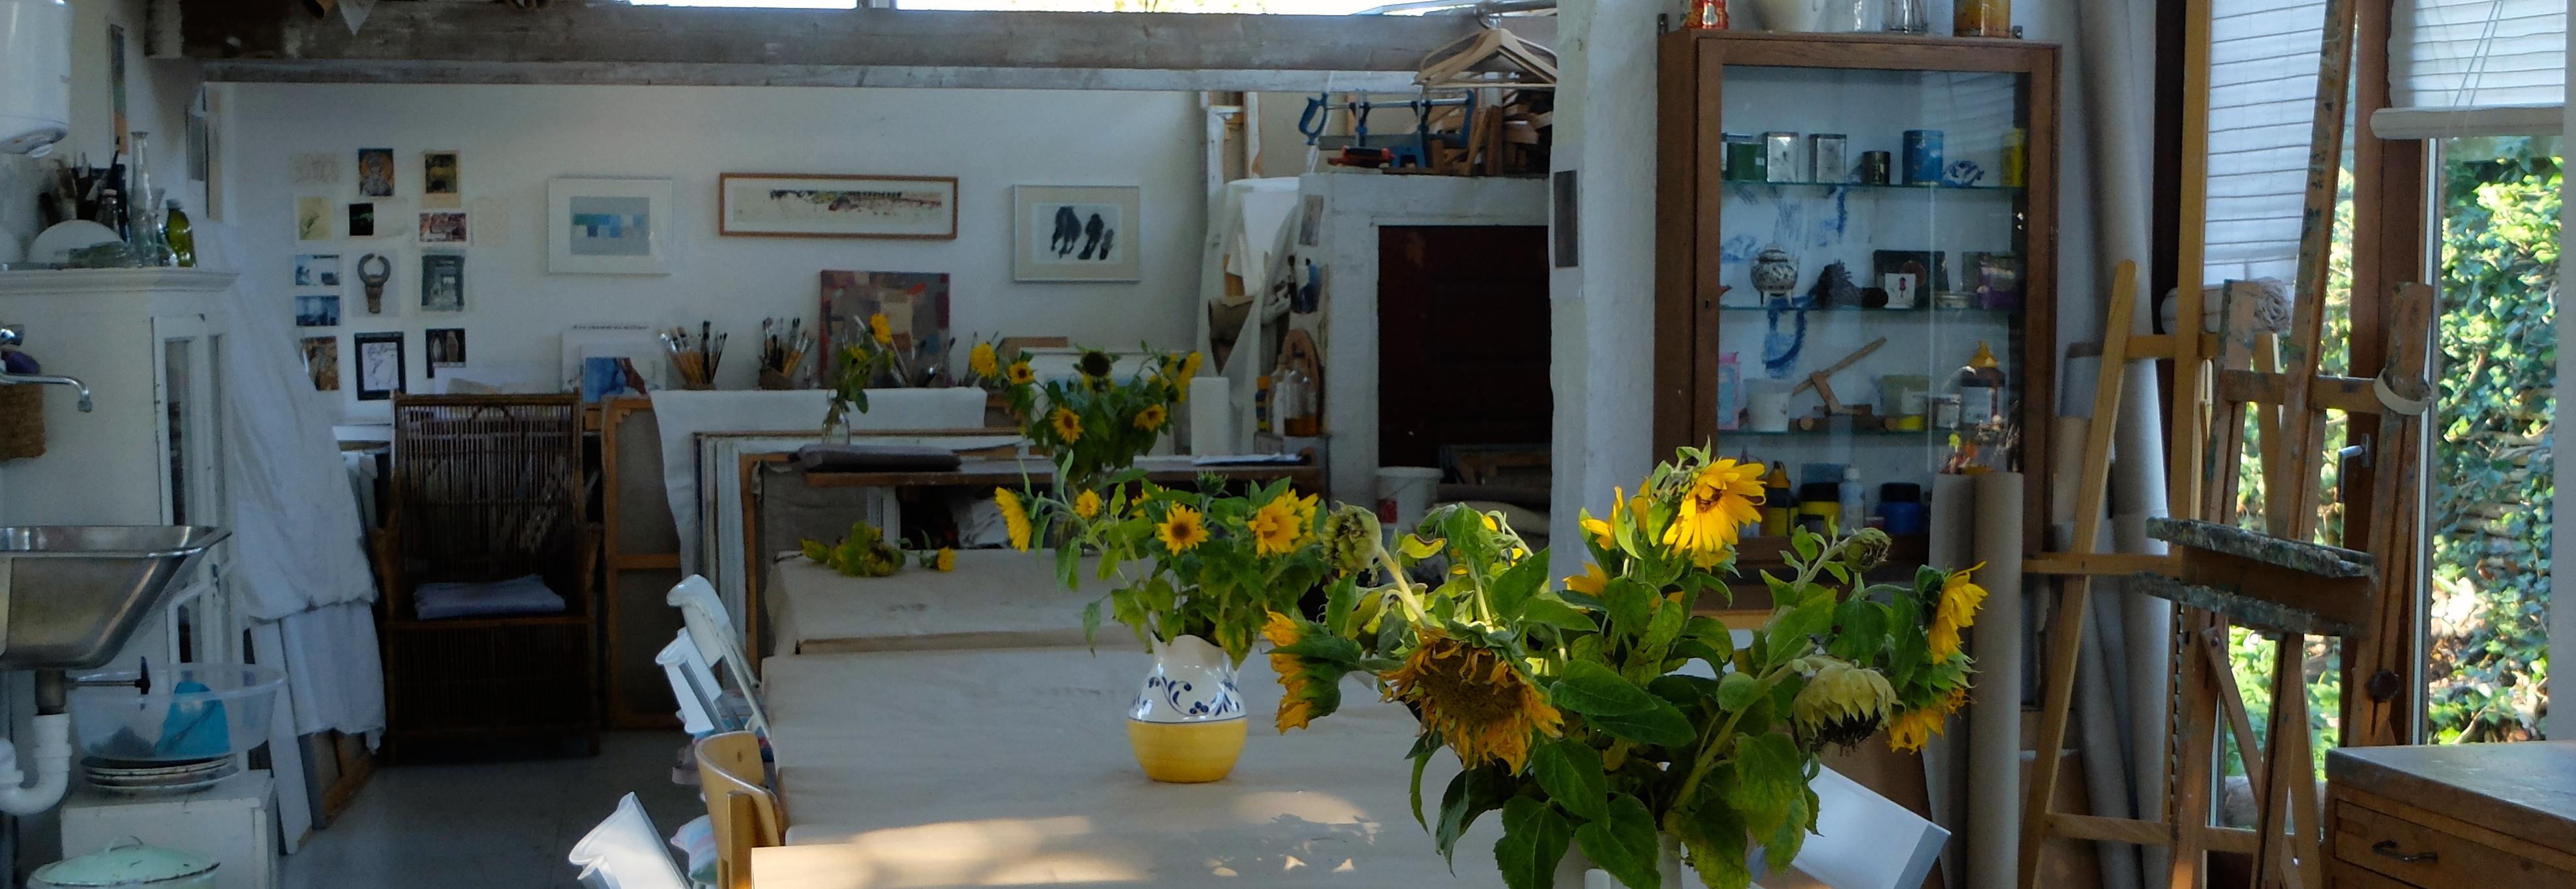 Solsikker i atelieret i Risskov